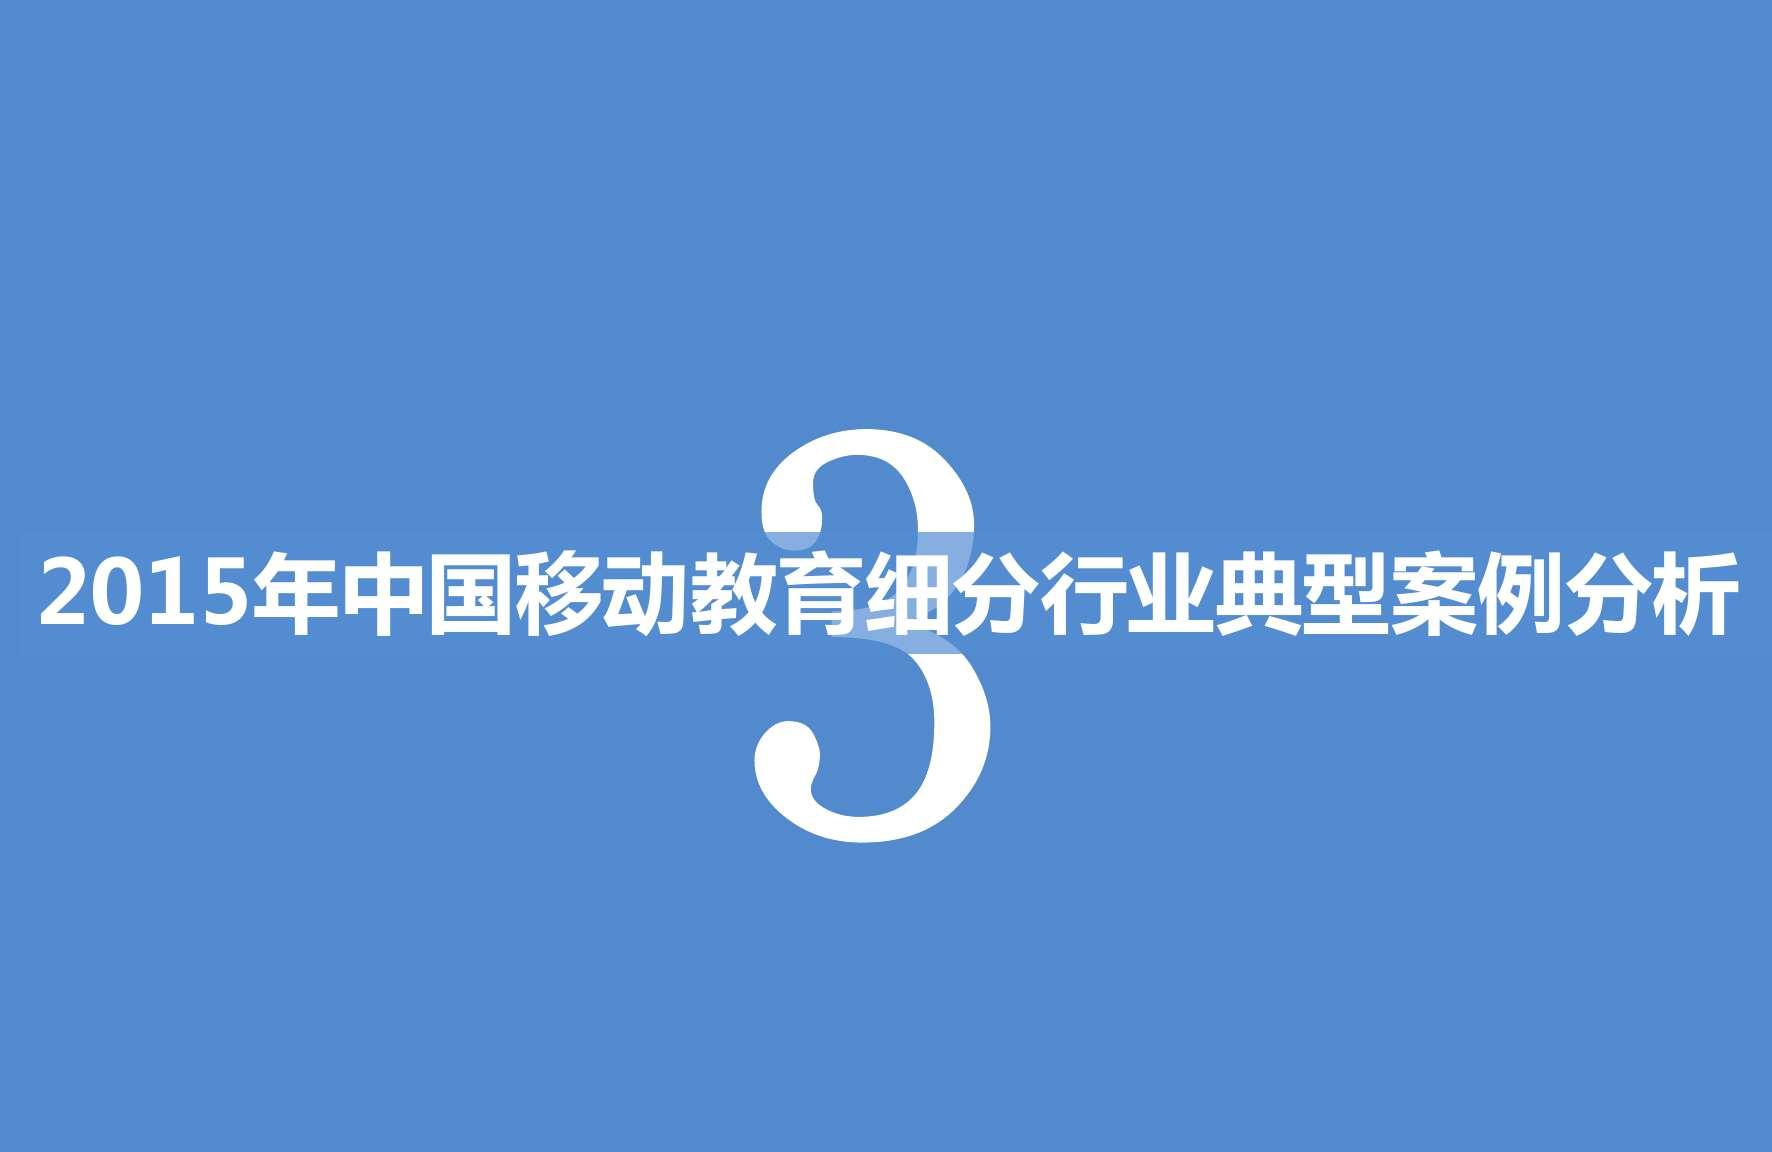 2015-2016年中国移动教育市场研究报告_000026